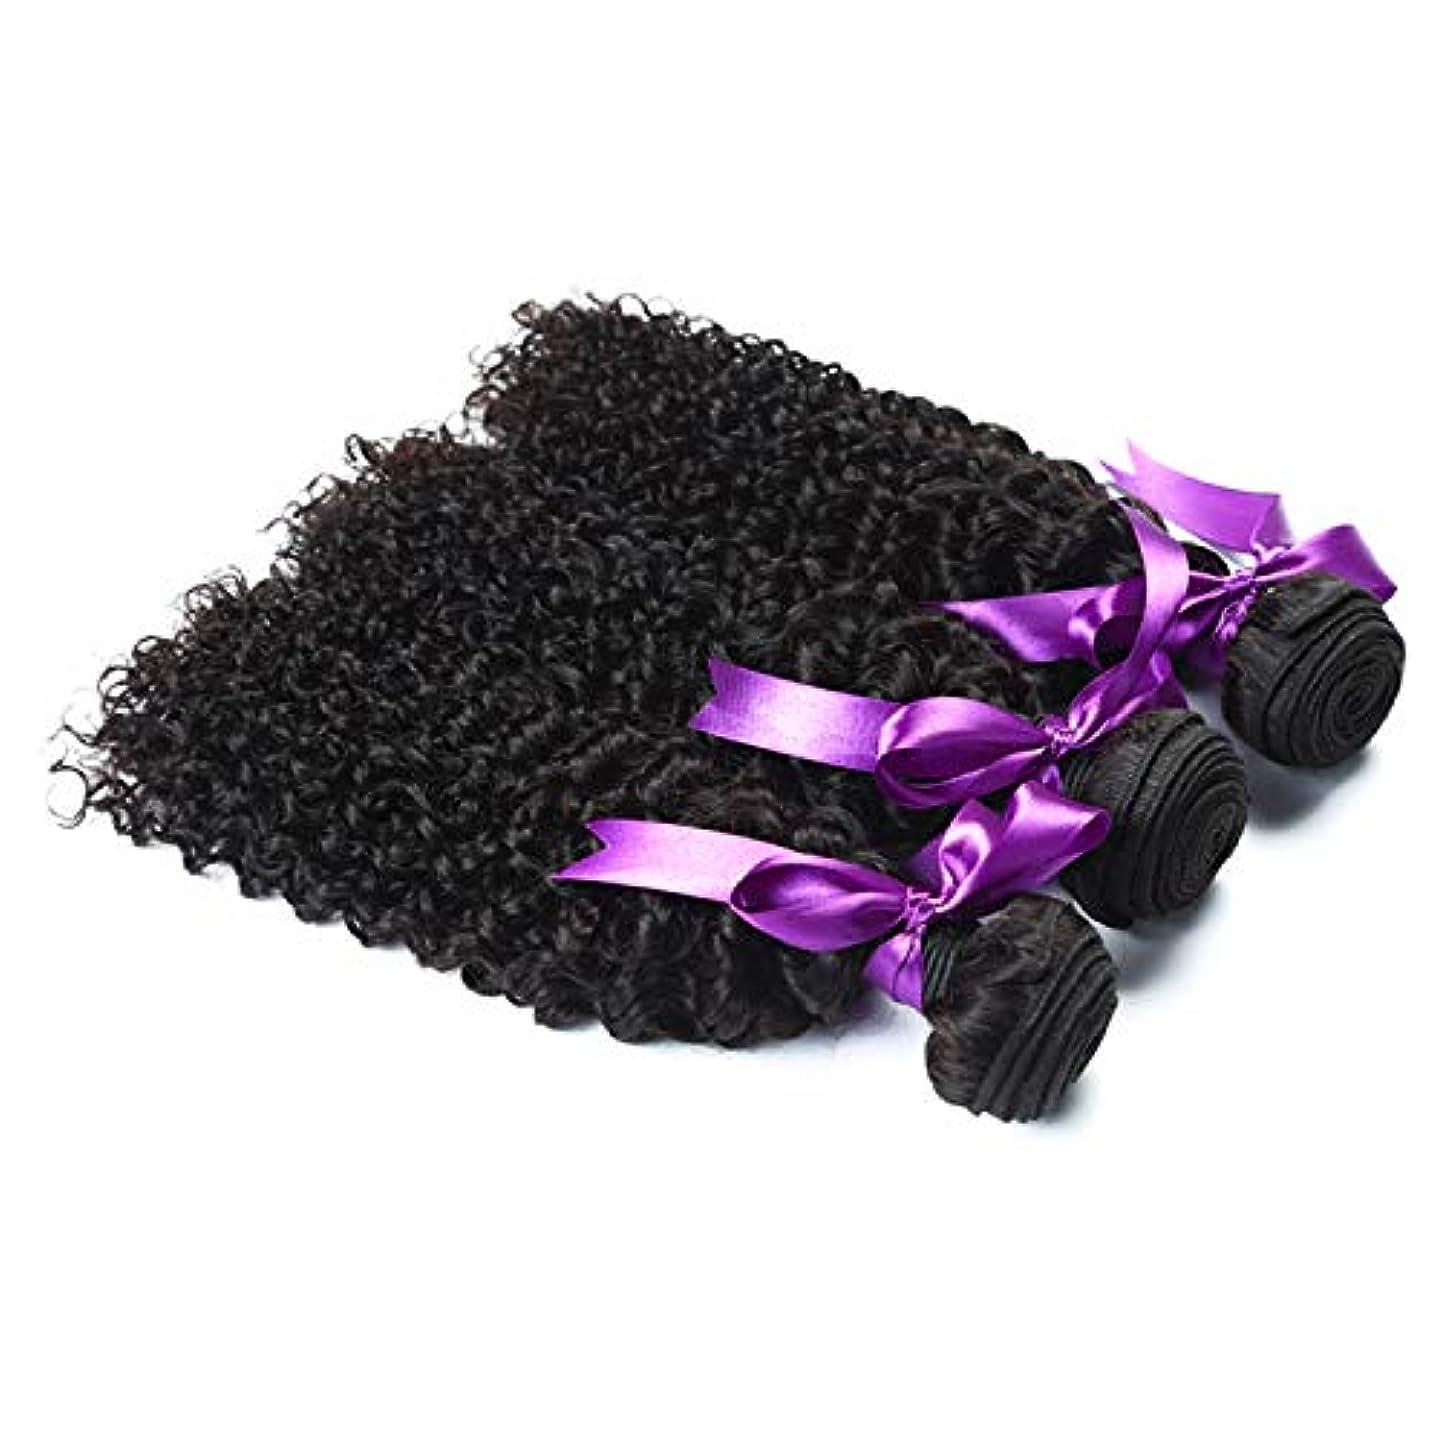 貯水池ながらコンドームかつら マレーシアの変態巻き毛3束お得な価格非Remy人間の髪織りエクステンションナチュラルブラック人間の髪の毛のかつら (Length : 8 10 12)